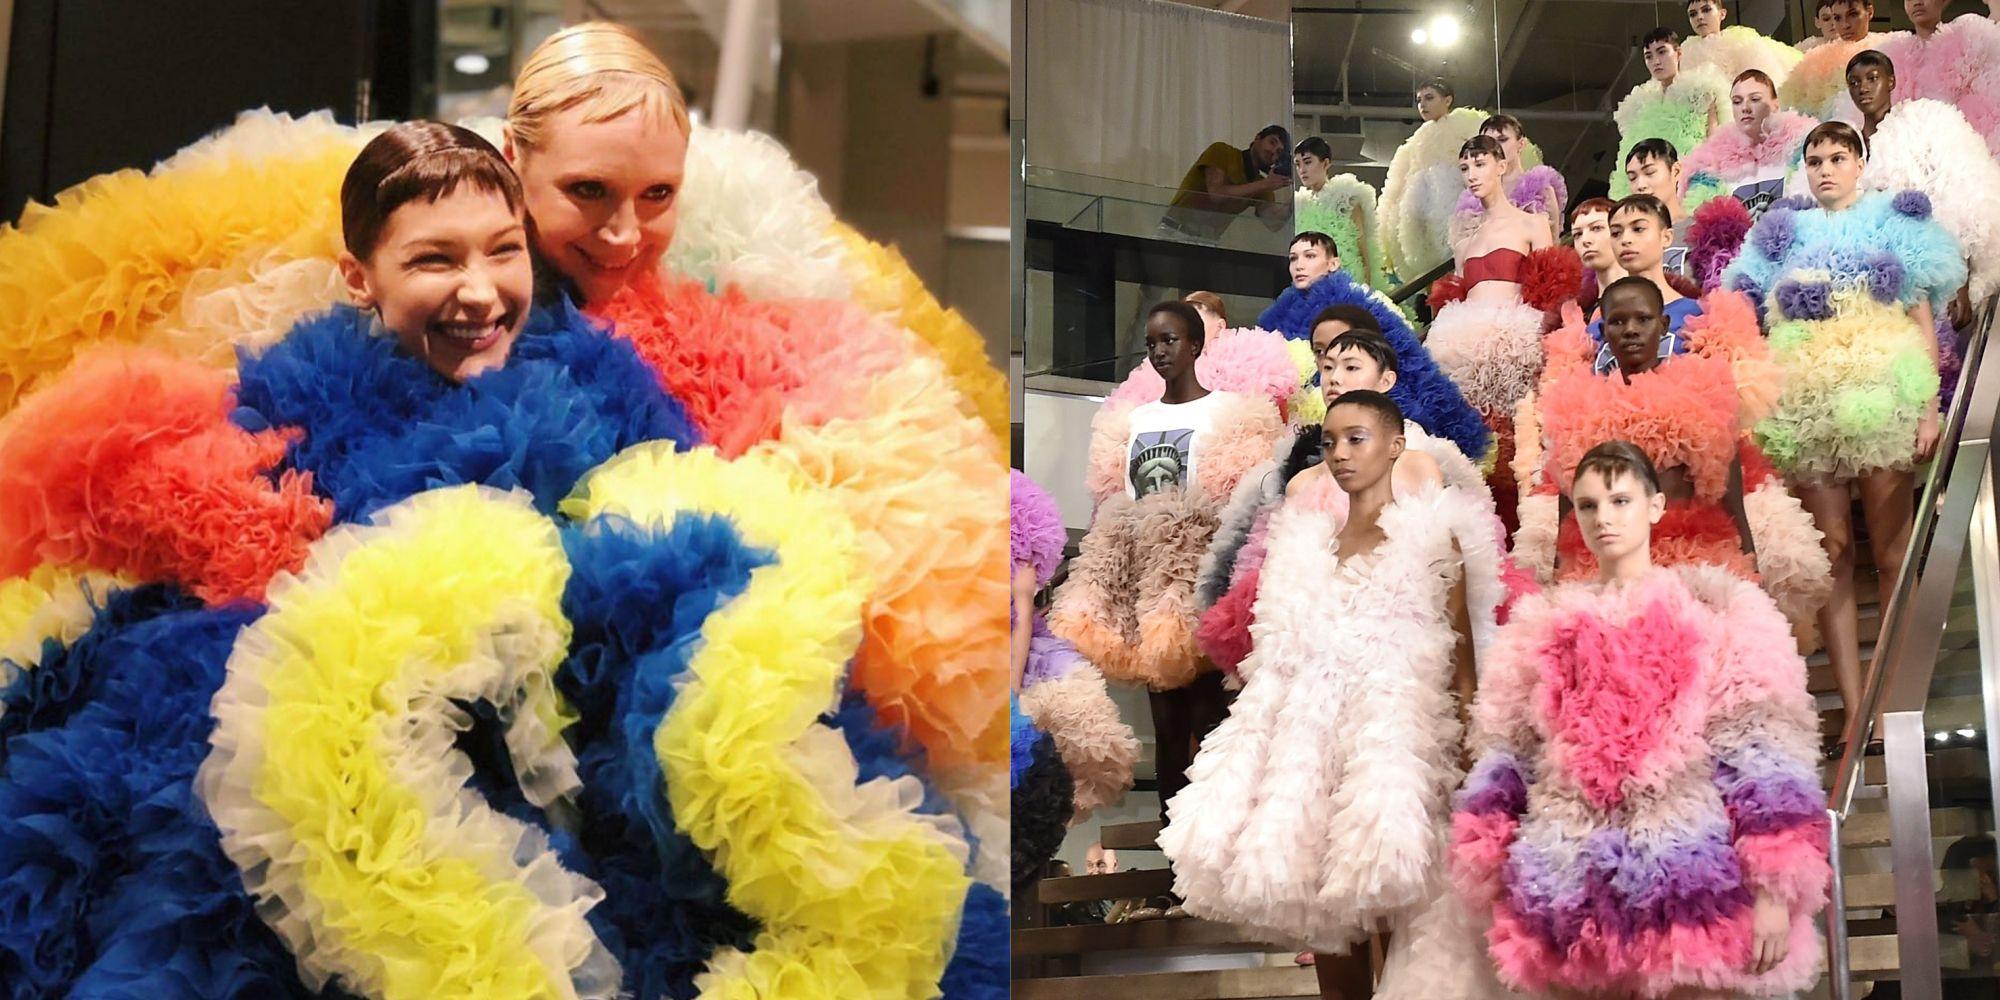 【紐約時裝週】Marc Jacobs親邀、還把整間店送他辦秀!連女神卡卡、Bella Hadid都愛的亞裔設計師初到紐約就掀話題,到底什麼來頭?